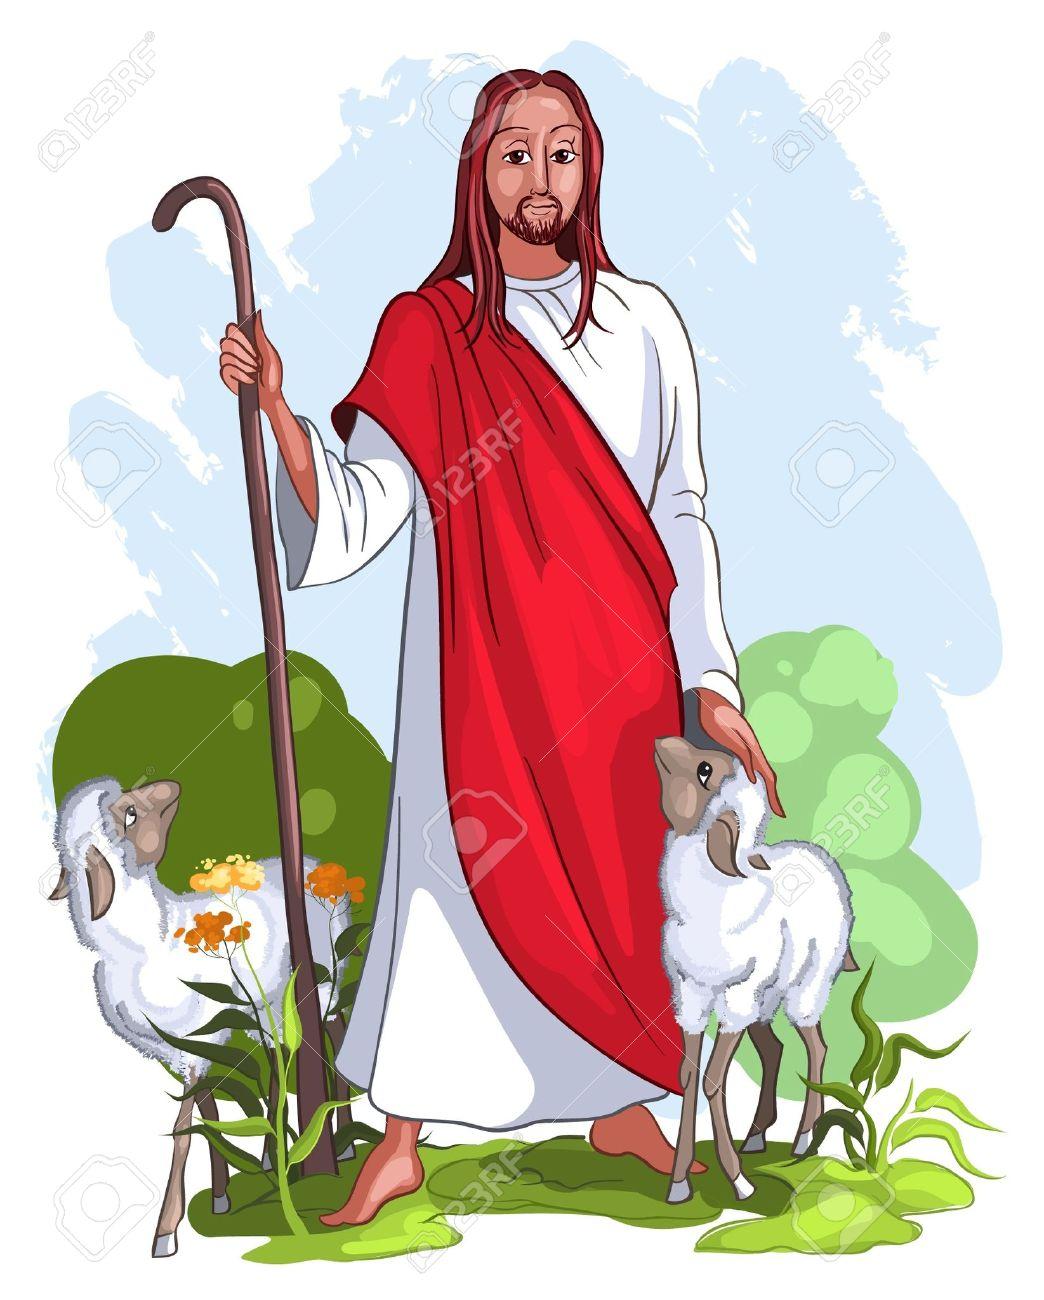 Der gute hirte clipart svg royalty free stock Ich Bin Der Gute Hirte, Das Leben Für Die Schafe (John 10: 11 ... svg royalty free stock